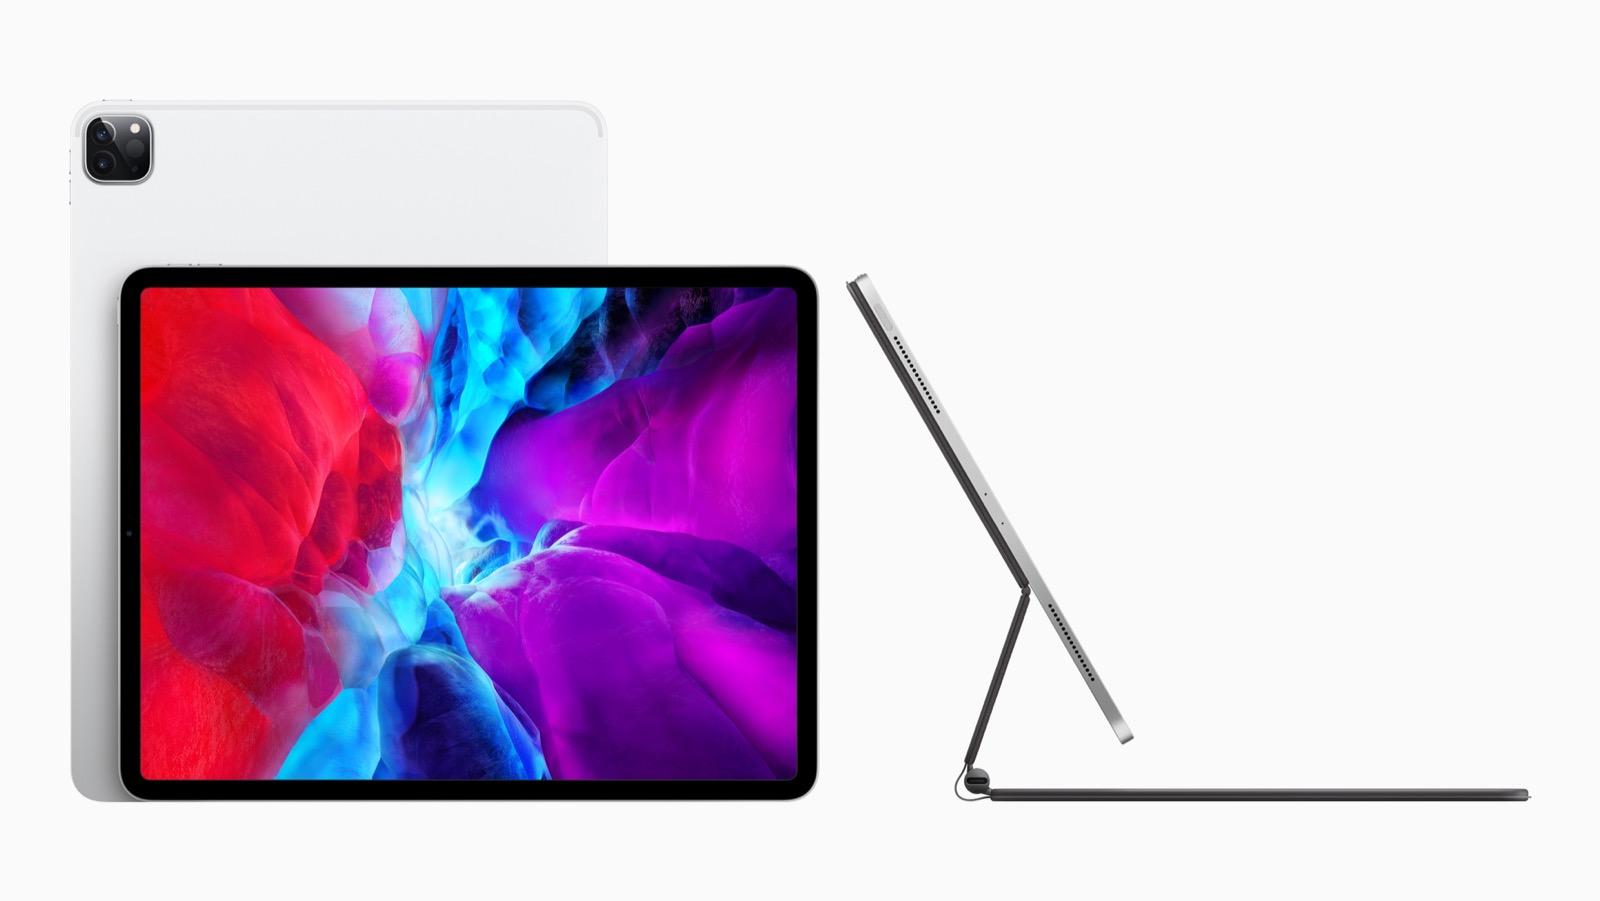 更新:新型iPad Pro発売。デュアルカメラ搭載、トラックパッド付きキーボードも